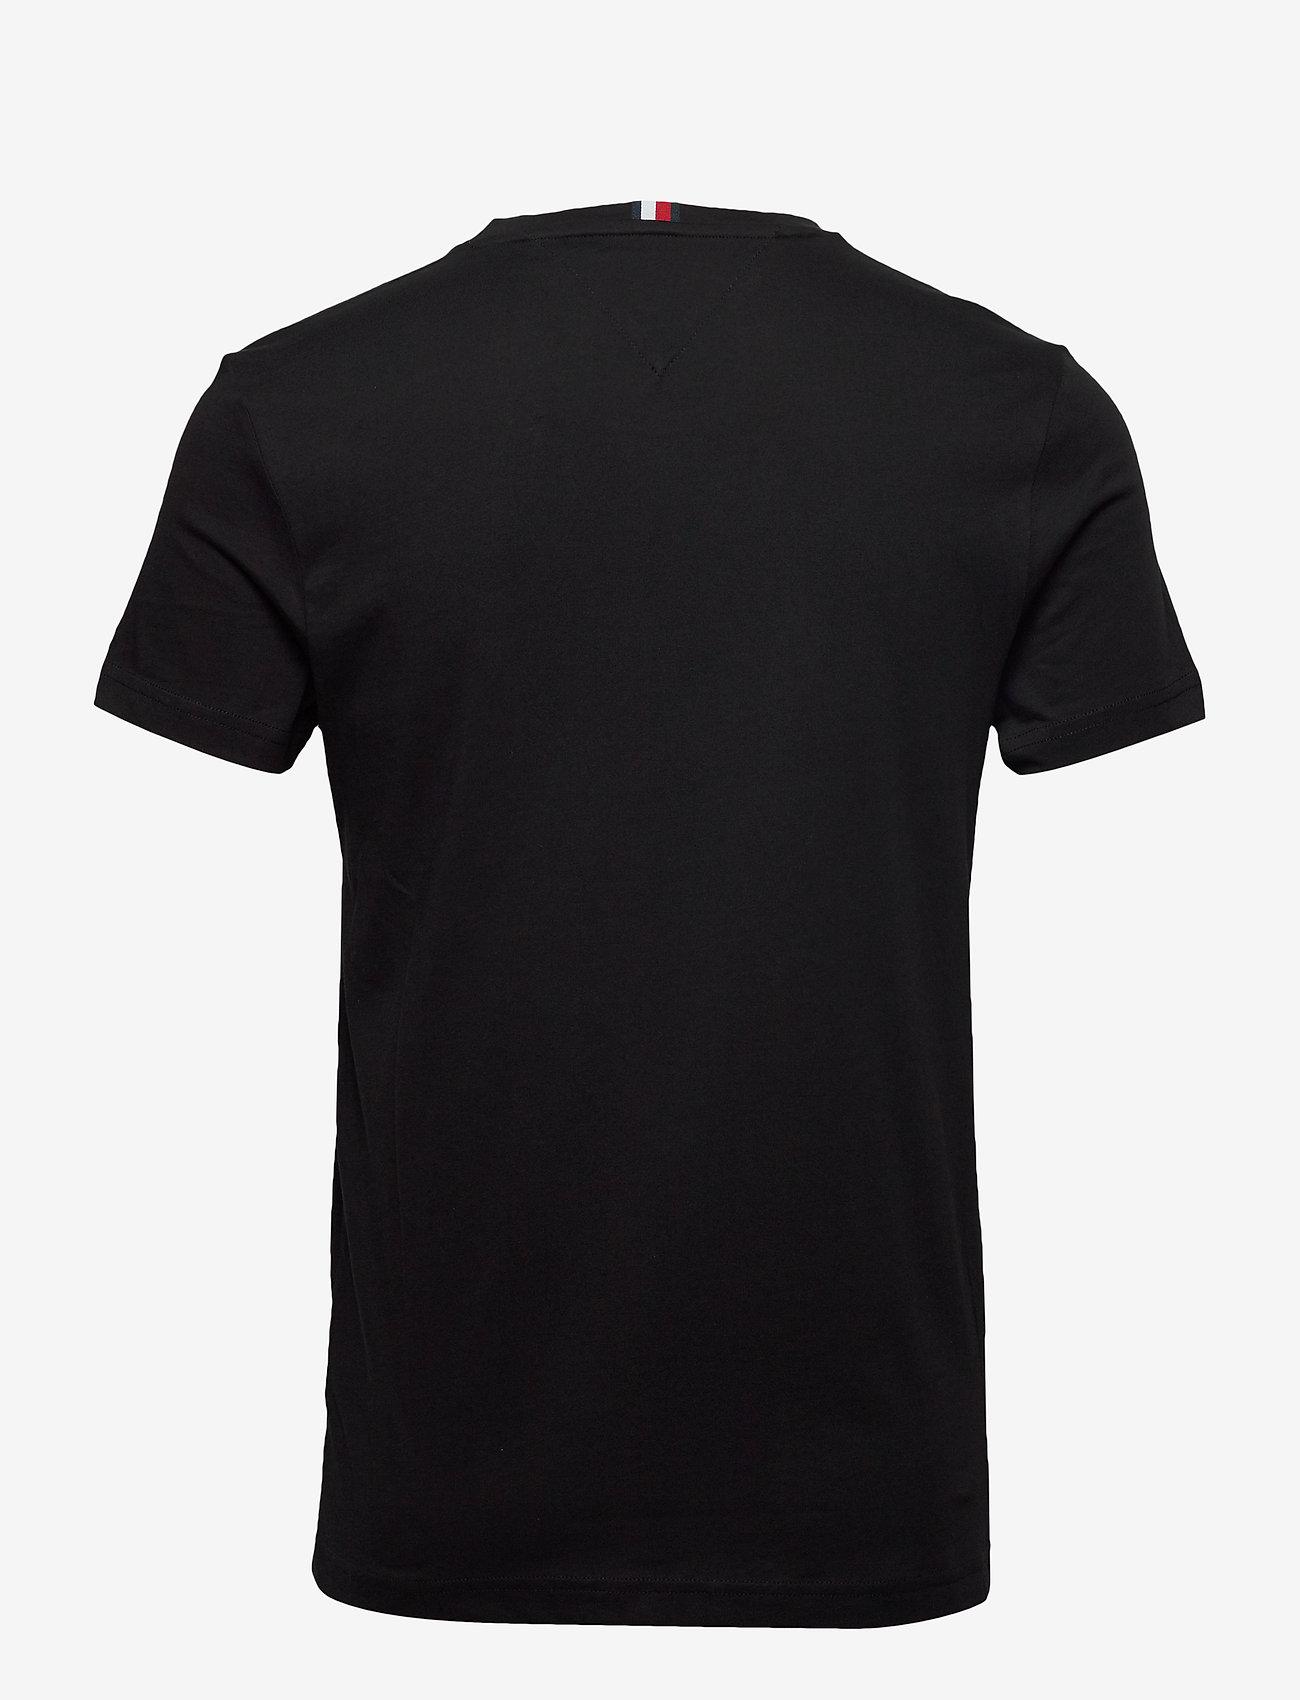 Tommy Hilfiger - BLOCK STRIPE HILFIGE - short-sleeved t-shirts - black